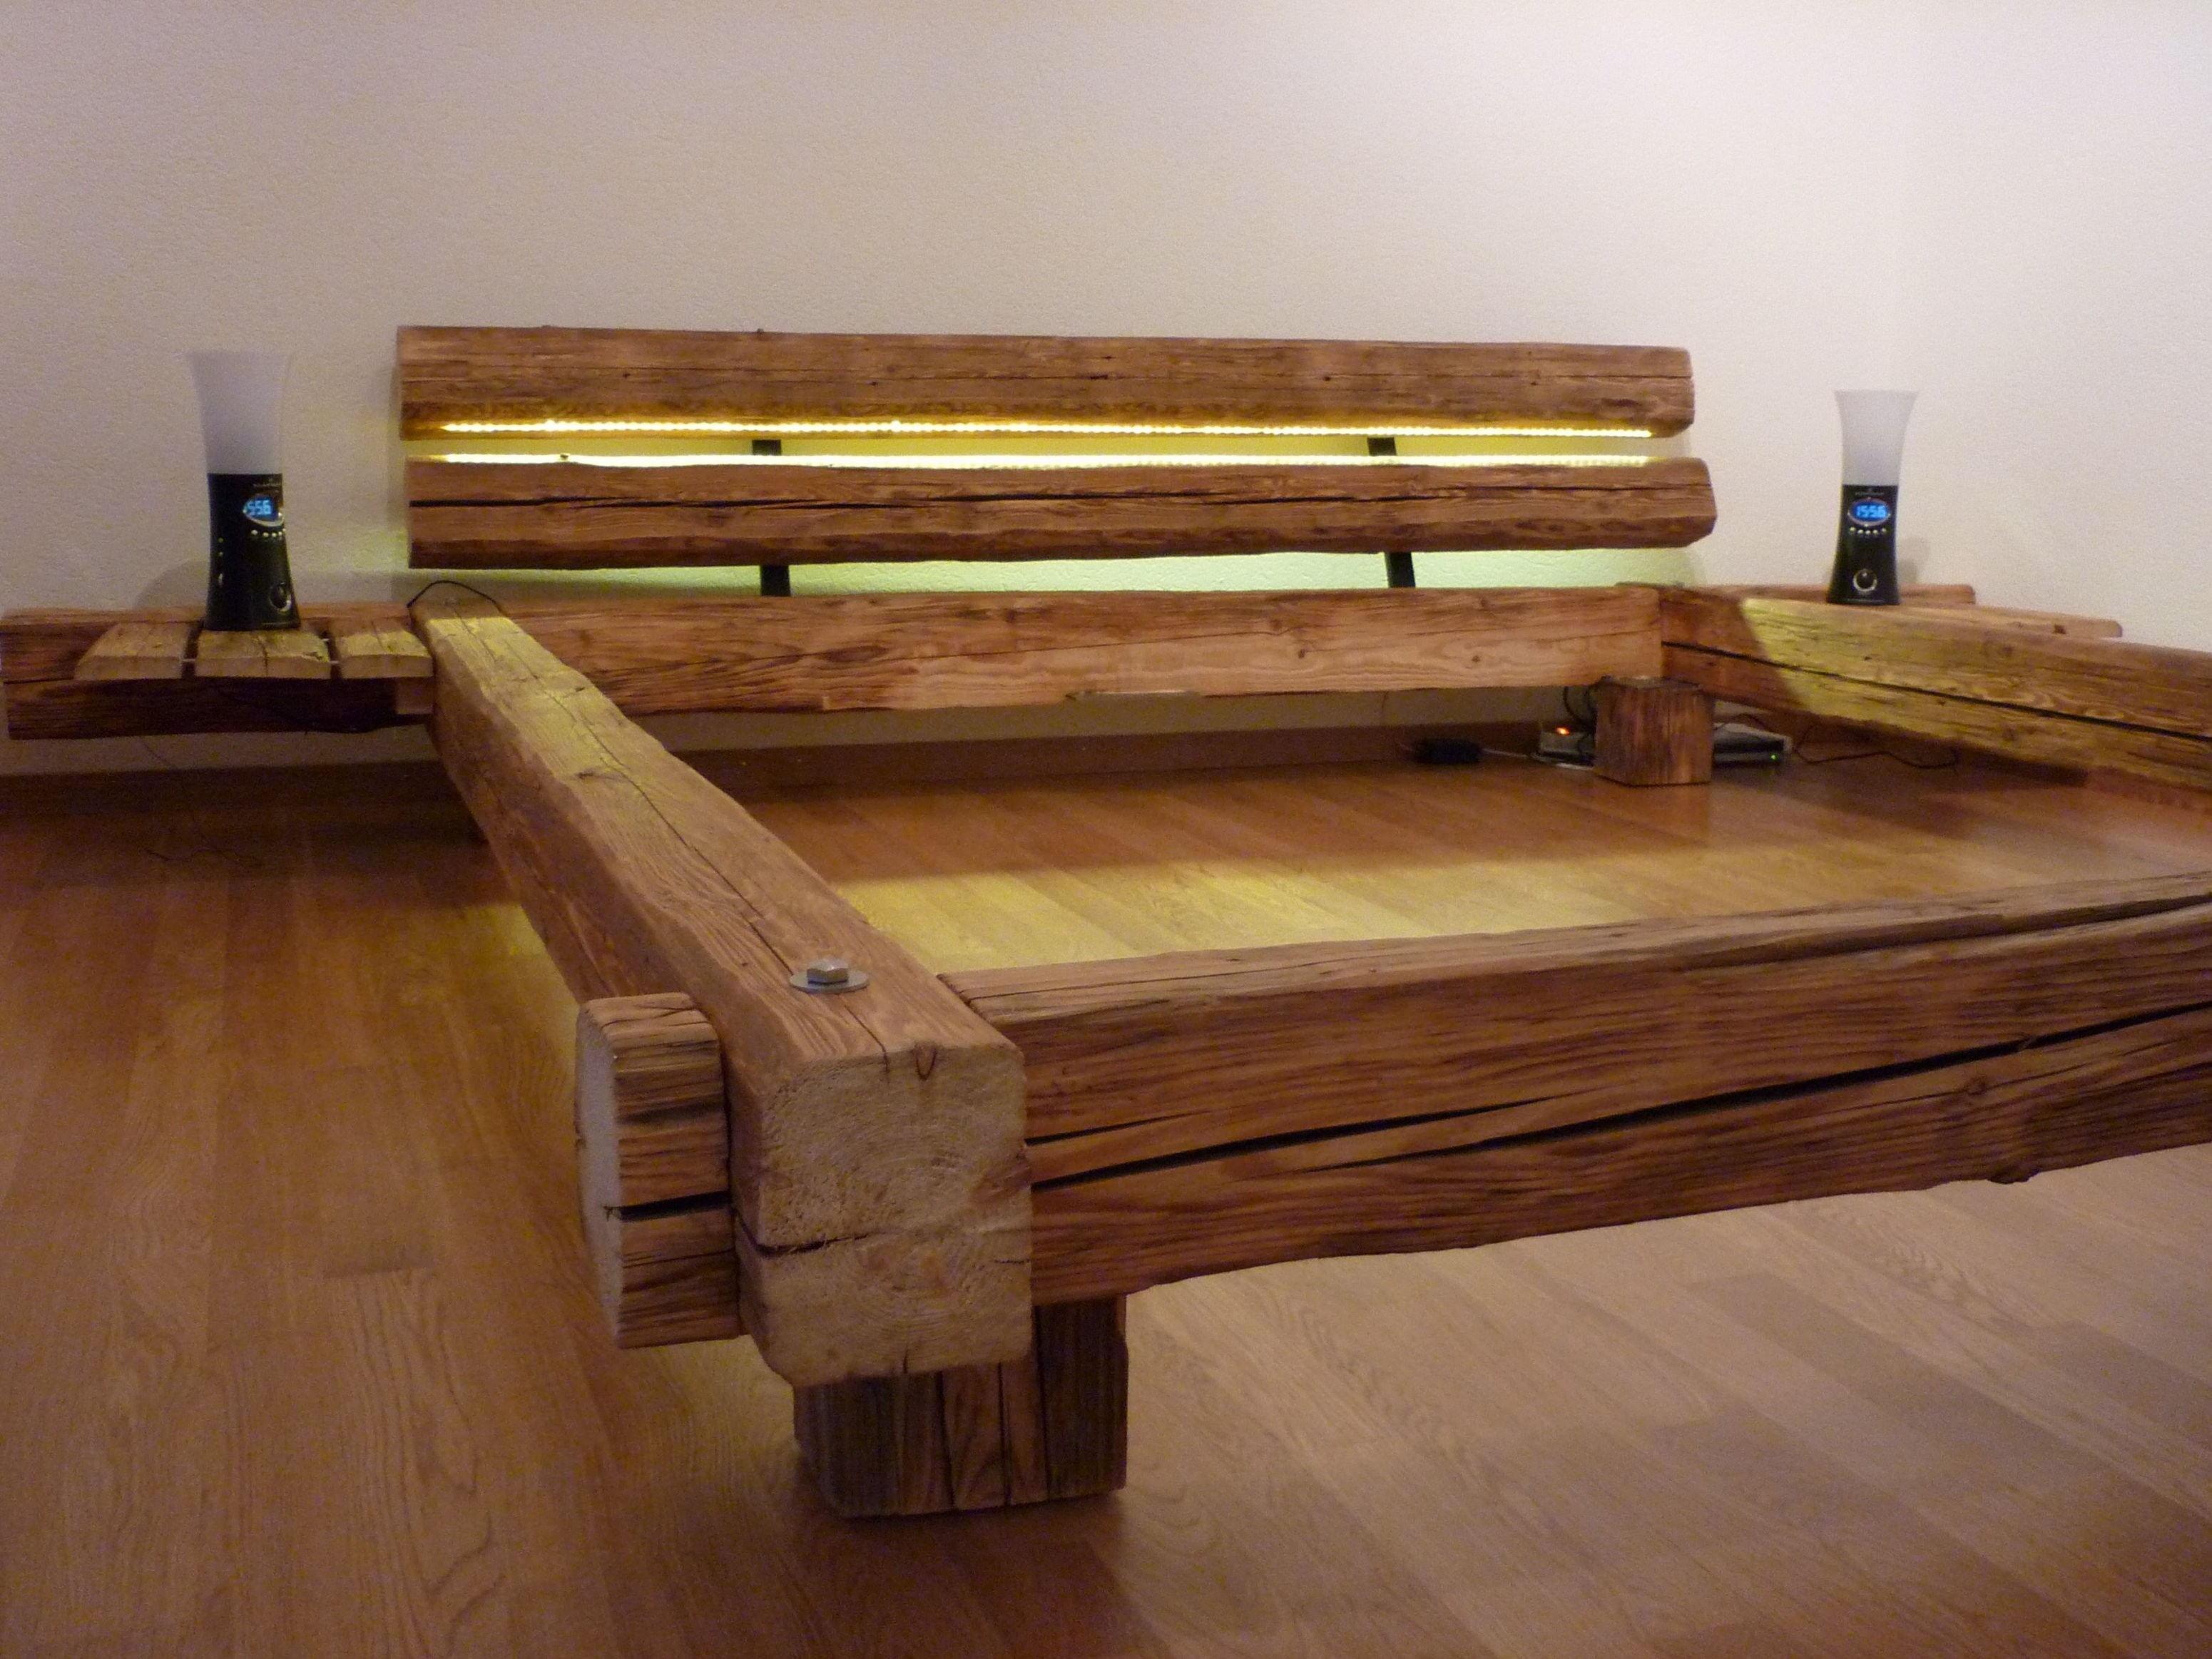 Tolle Bett Aus Massivholz  Holzmöbel In 2018  Pinterest  Bett von Bett Selber Bauen 180X200 Bild